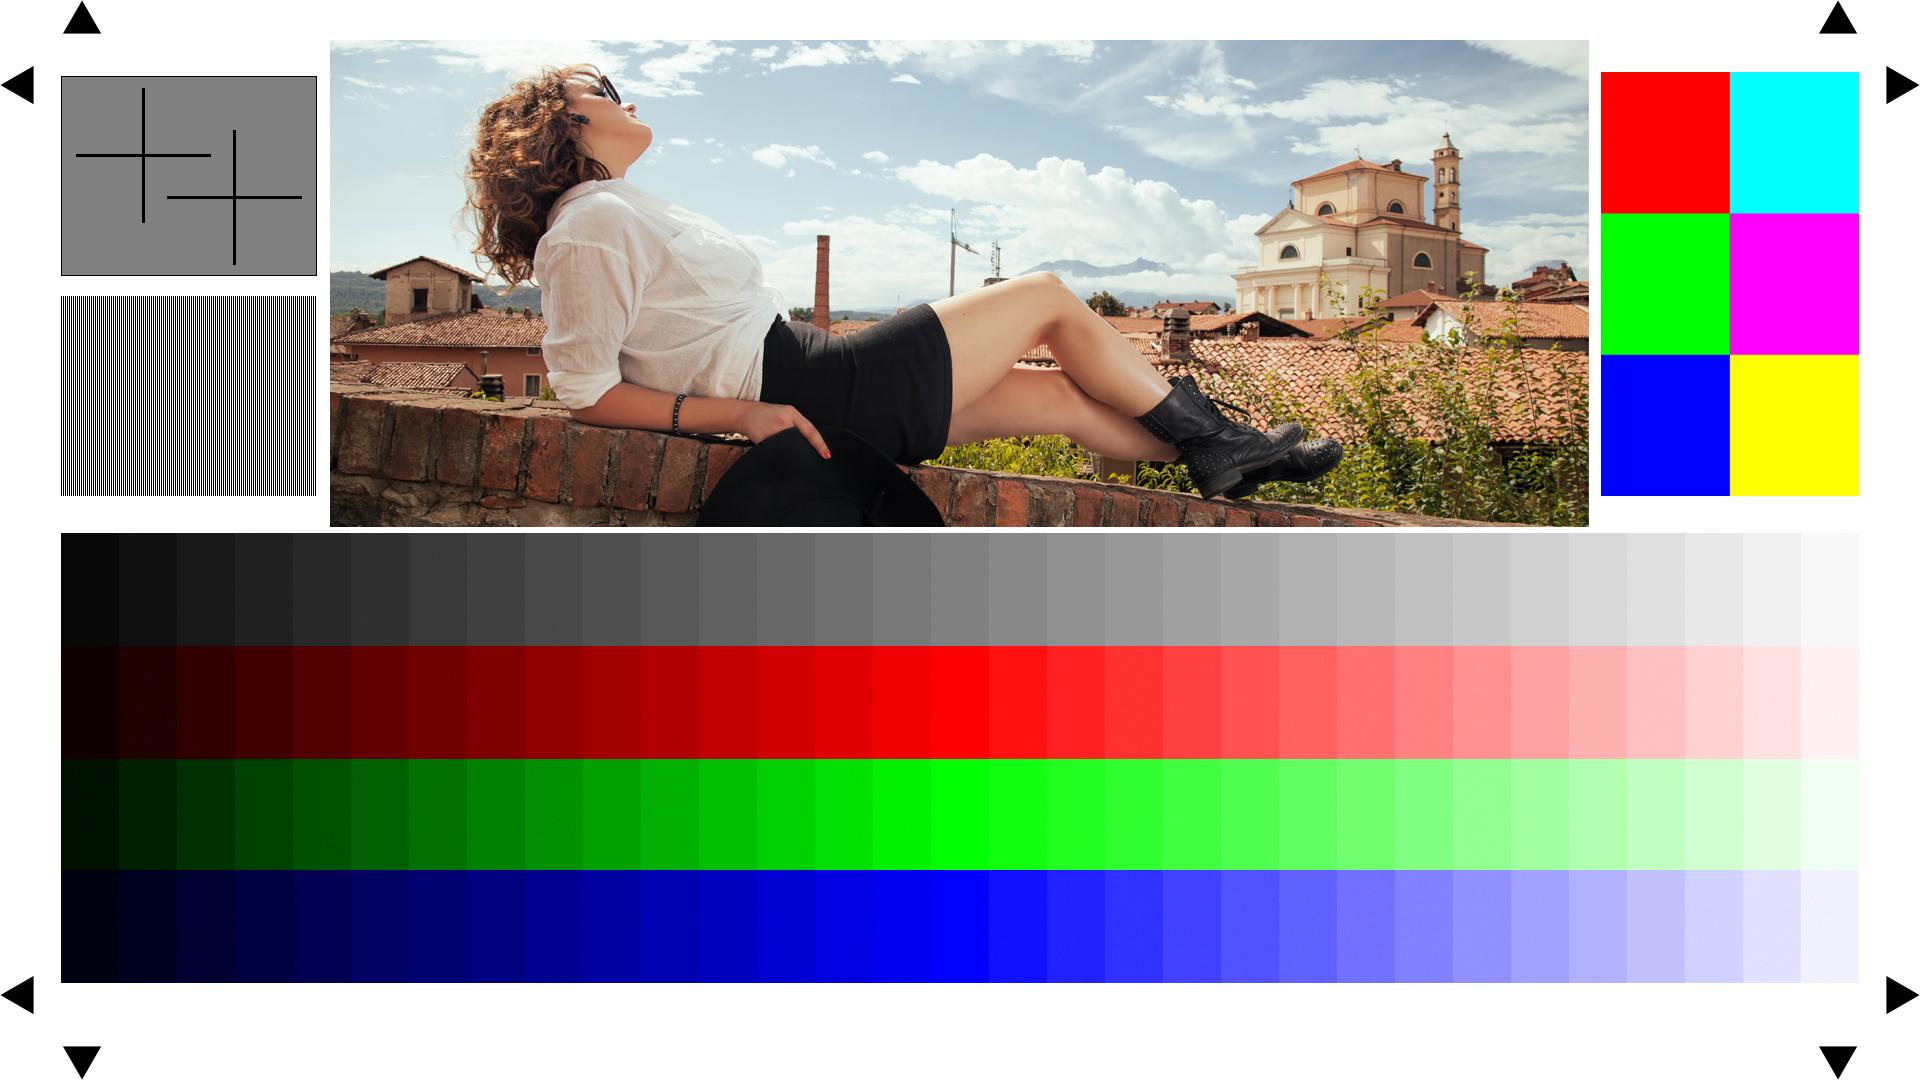 porno italiane trans video casalinghe amatoriali